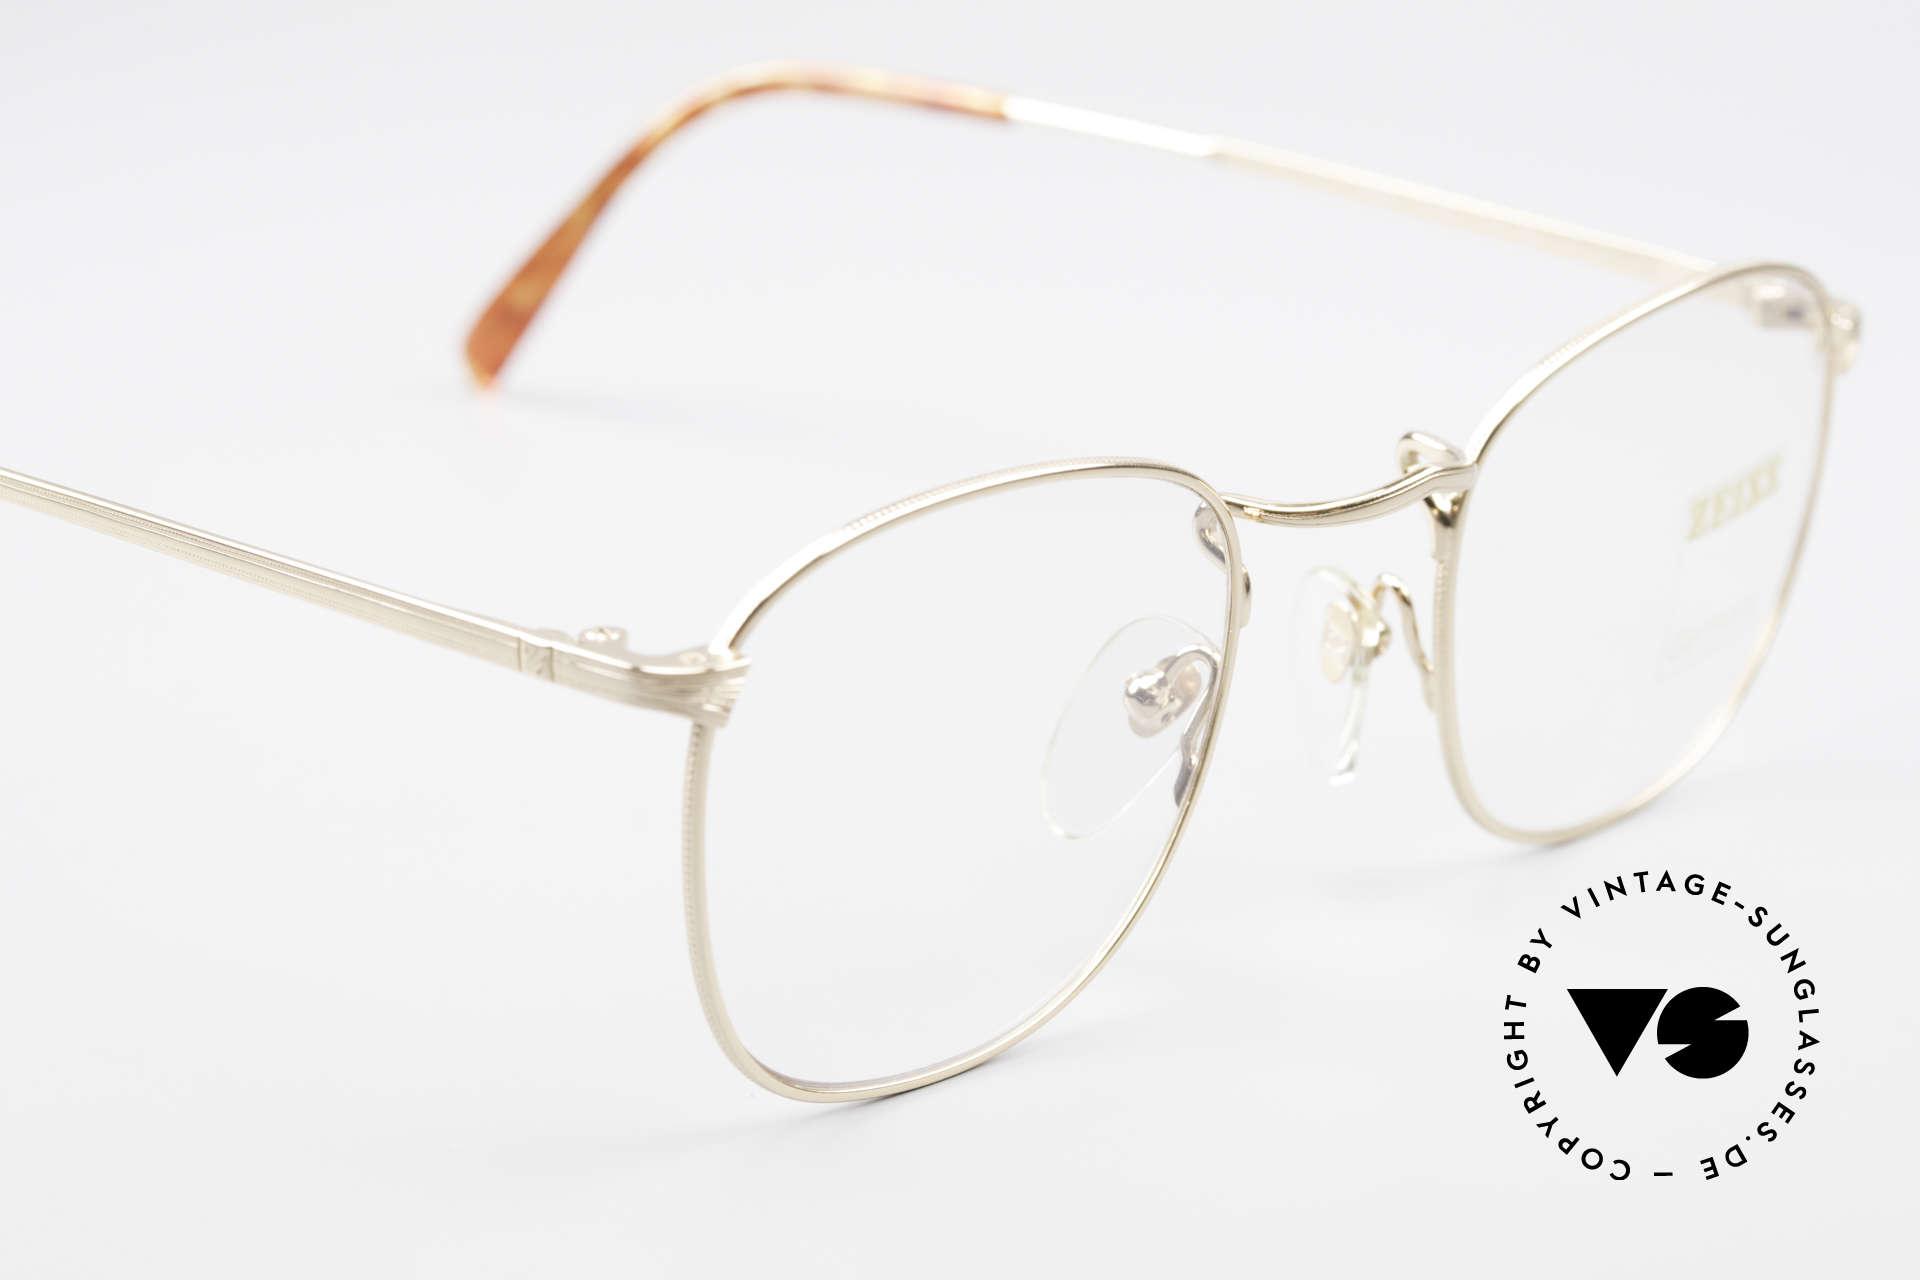 Zeiss 5988 Alte Vintage Brille Herren 90er, KEINE RETROBRILLE, sondern 100% vintage Original, Passend für Herren